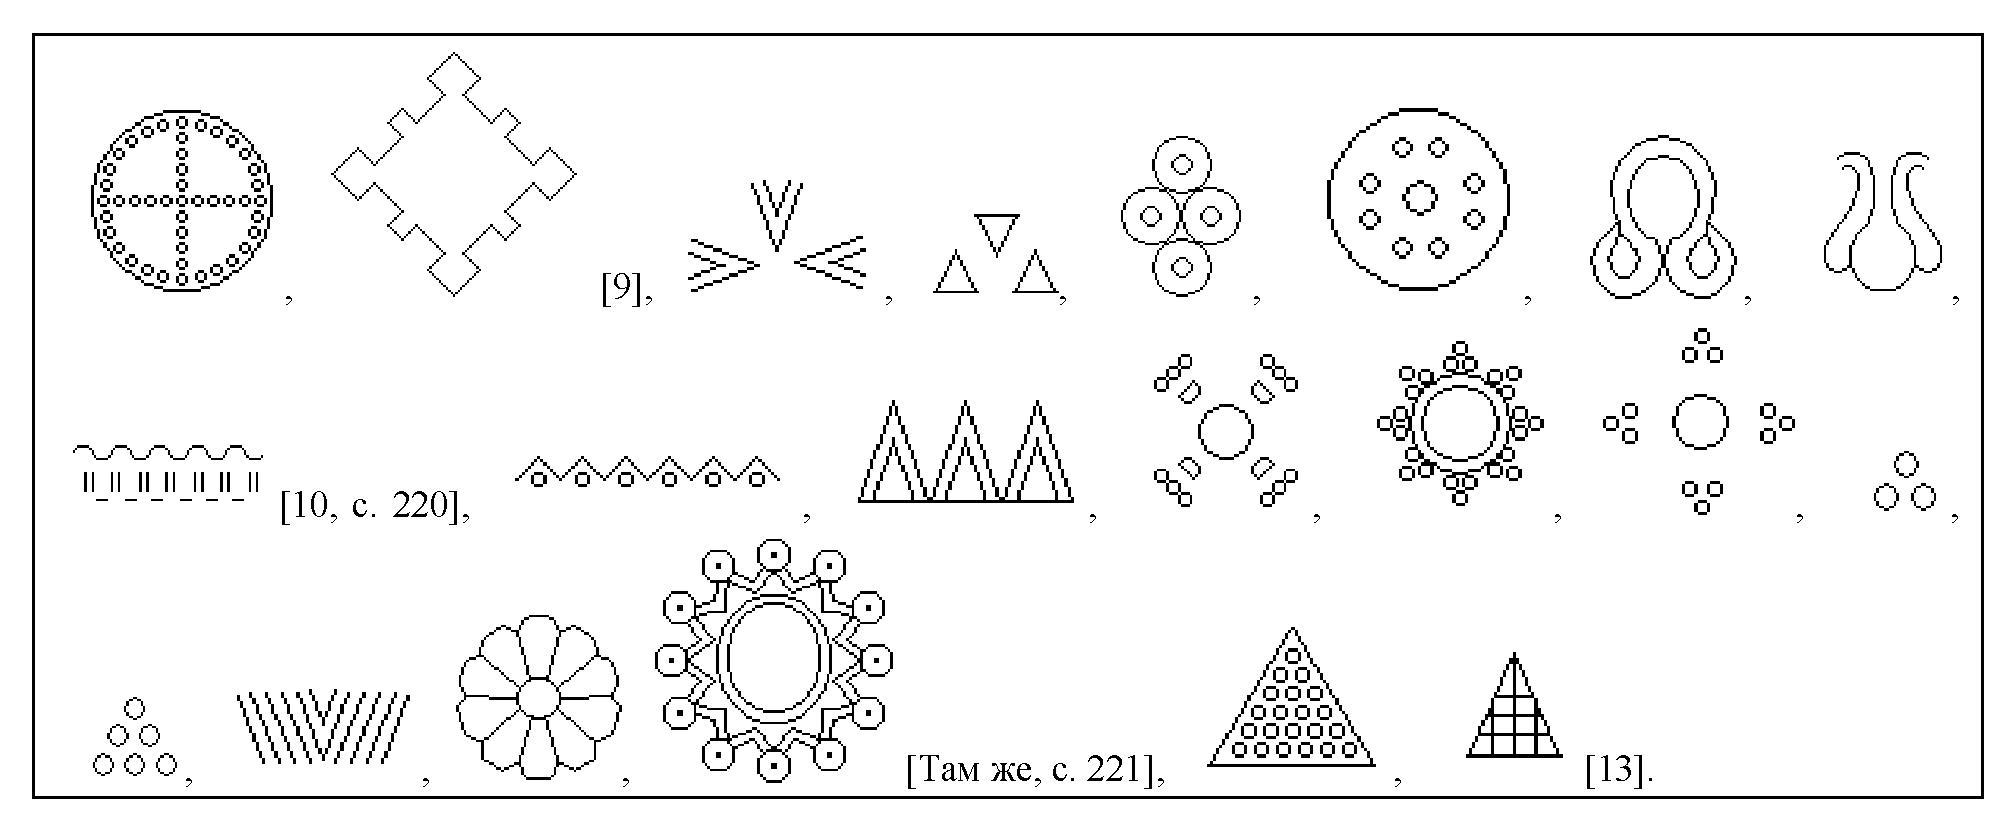 Таблица 1. Графические языческие символы радимичей